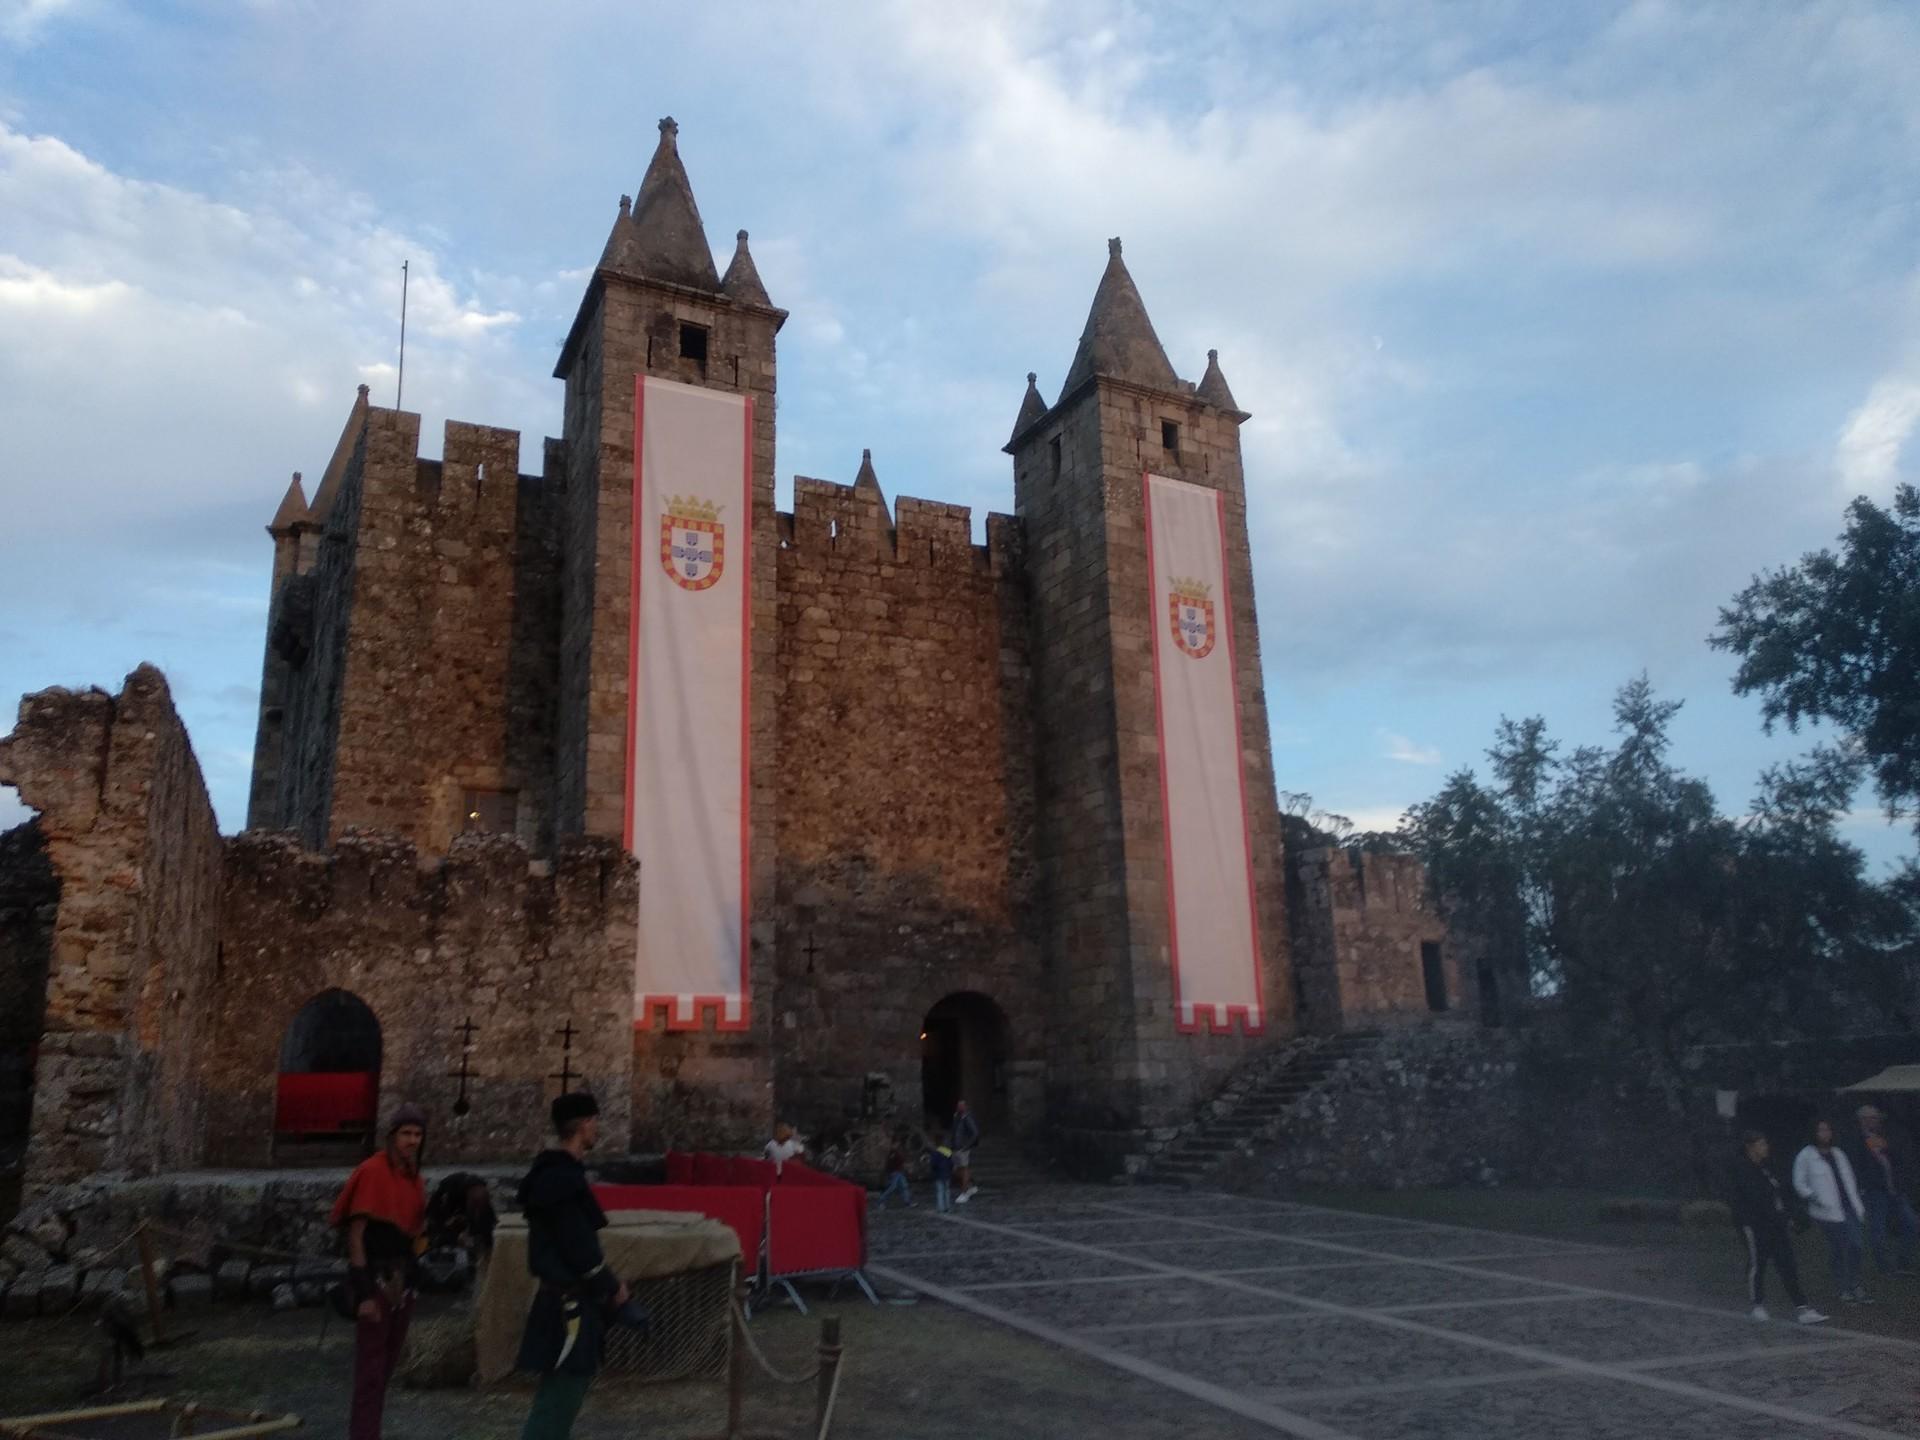 fete-medievale-patrimoine-historique-41e